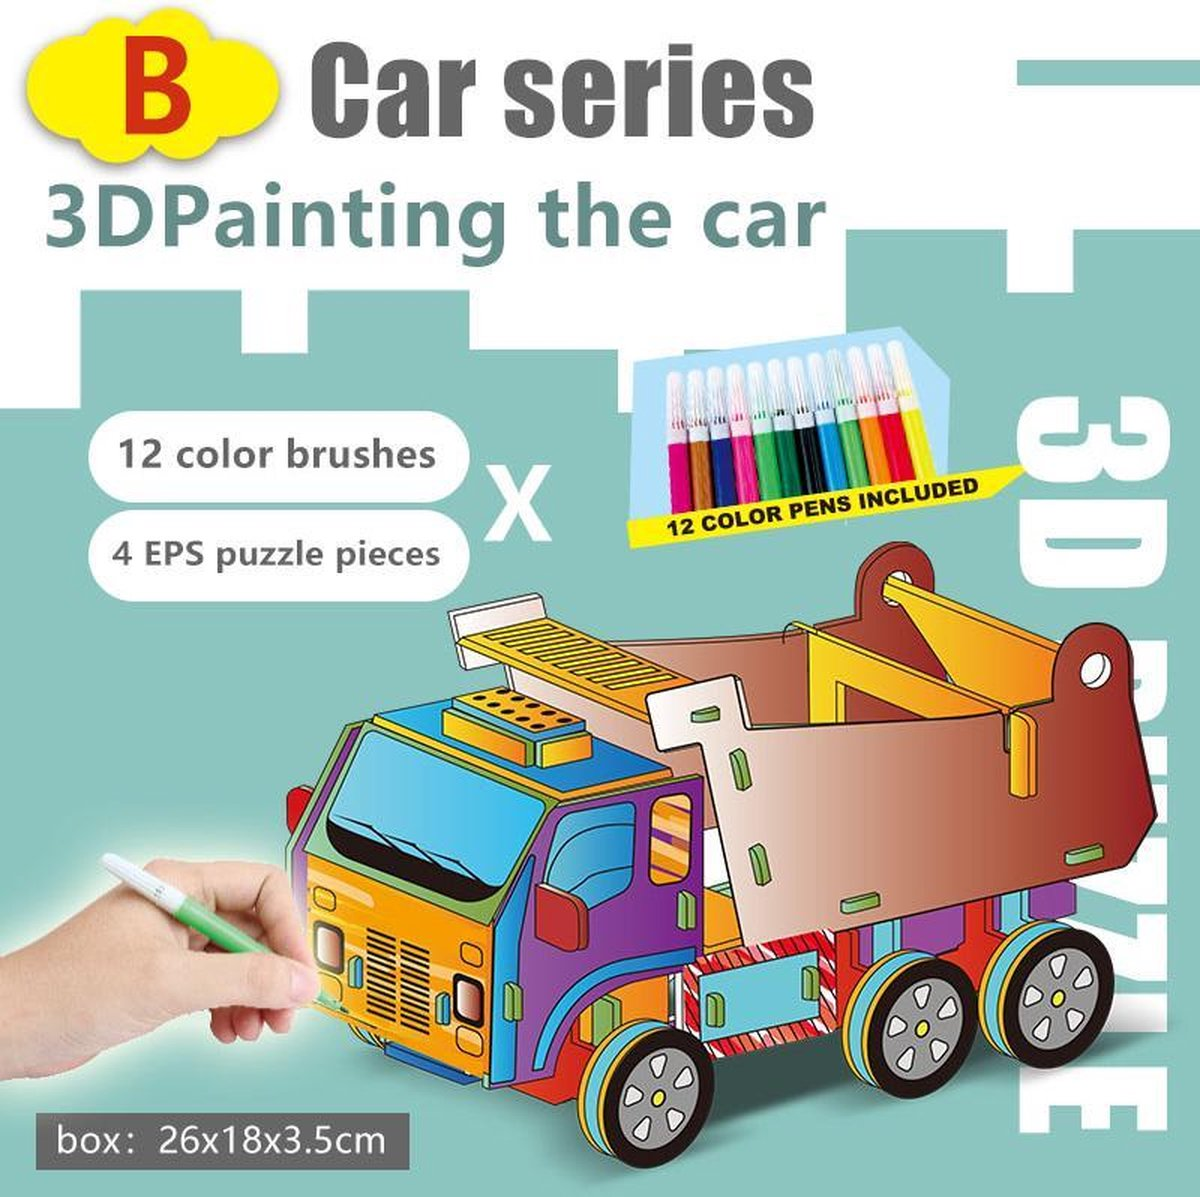 3D Puzzel ' Voertuig B&C 2 in 1 Set' Speelgoed voor kinderen - Jongens En Meisjes - Voertuigen - Villa - Kasteel - Tekenen - Kleuren - Knutselen - Vanaf 3 Jaar Oud - Leerzaam